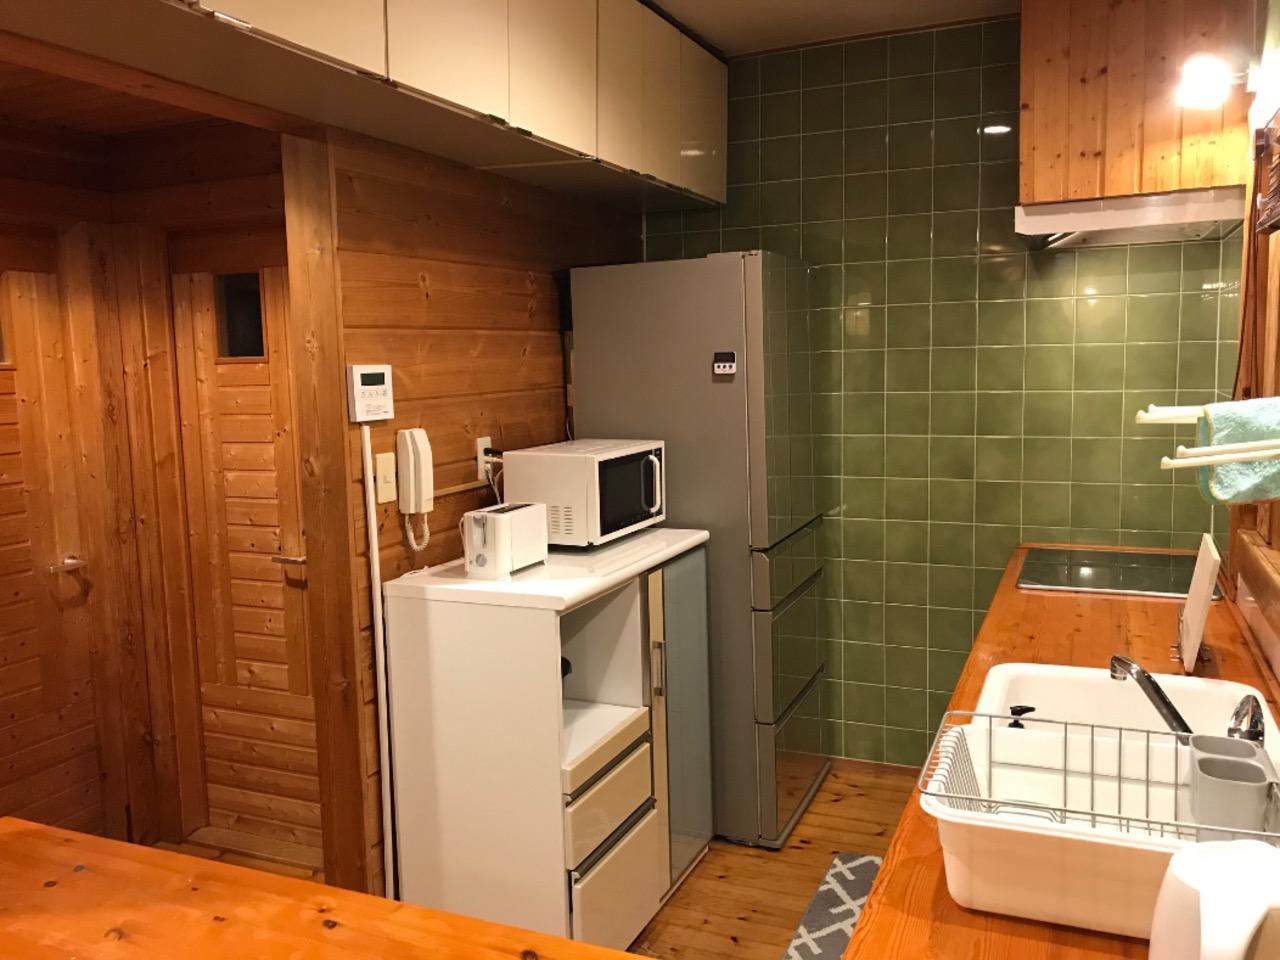 キッチン(IHトップ、電子レンジ、トースター、ケトル、大型冷蔵庫)